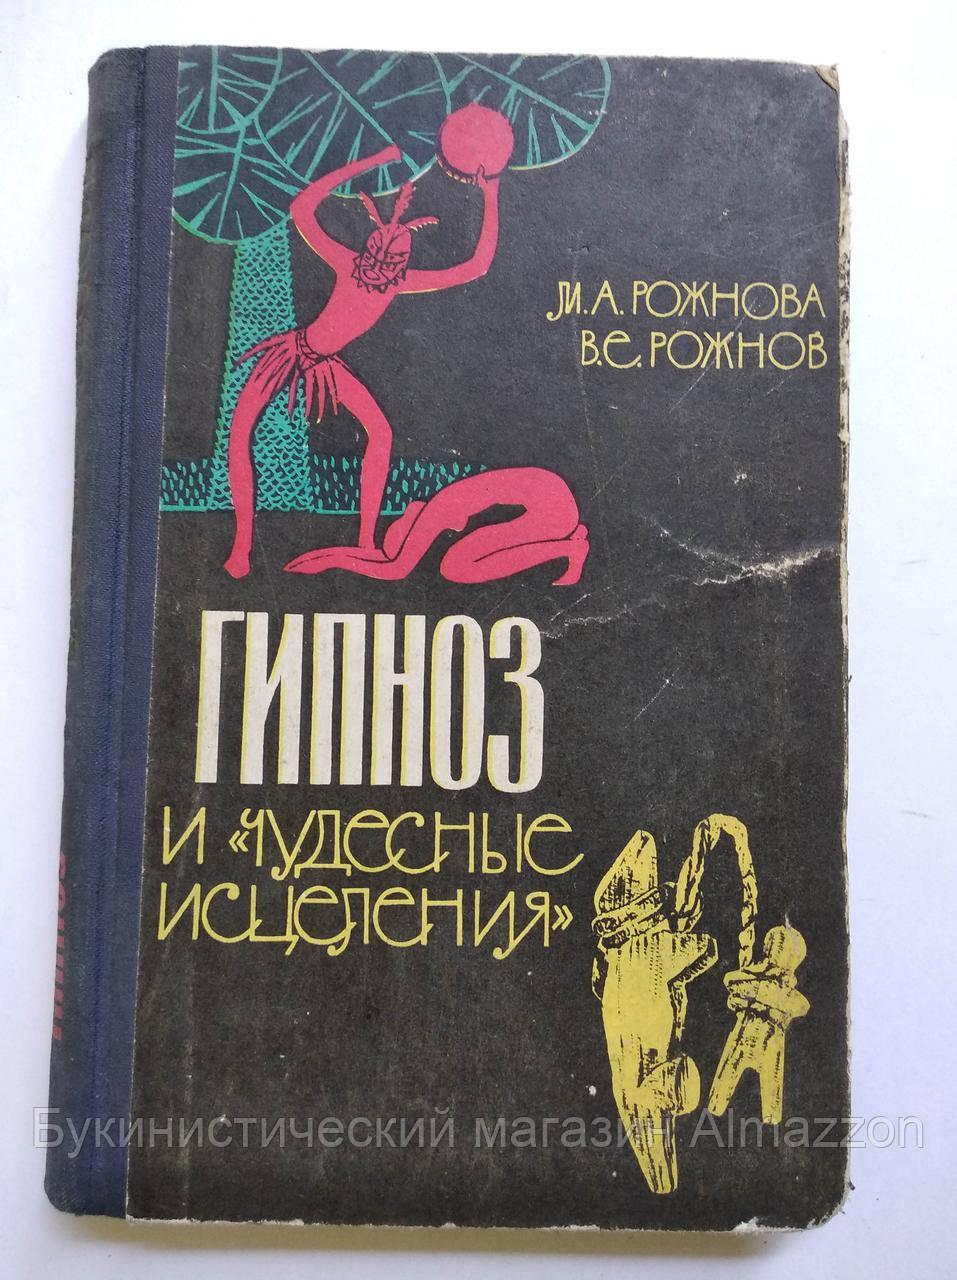 Гипноз и «чудесные исцеления» М.Рожнова. 1965 год